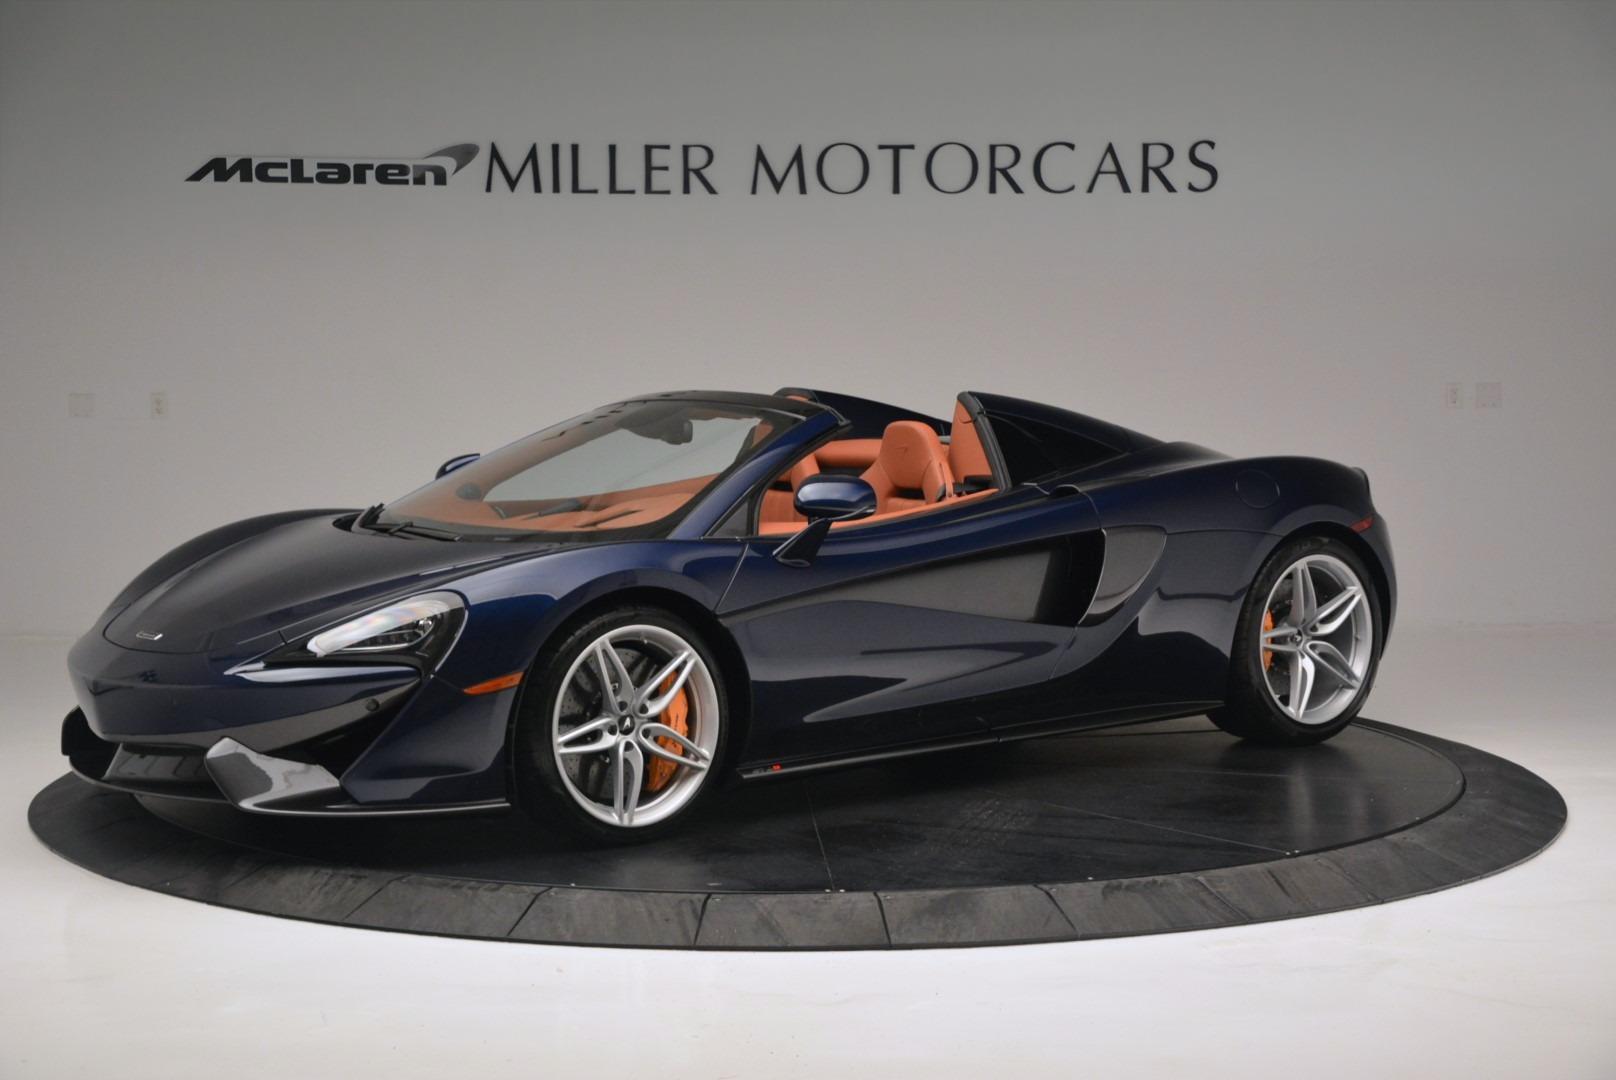 New 2019 McLaren 570S Spider Convertible For Sale In Westport, CT 2521_main